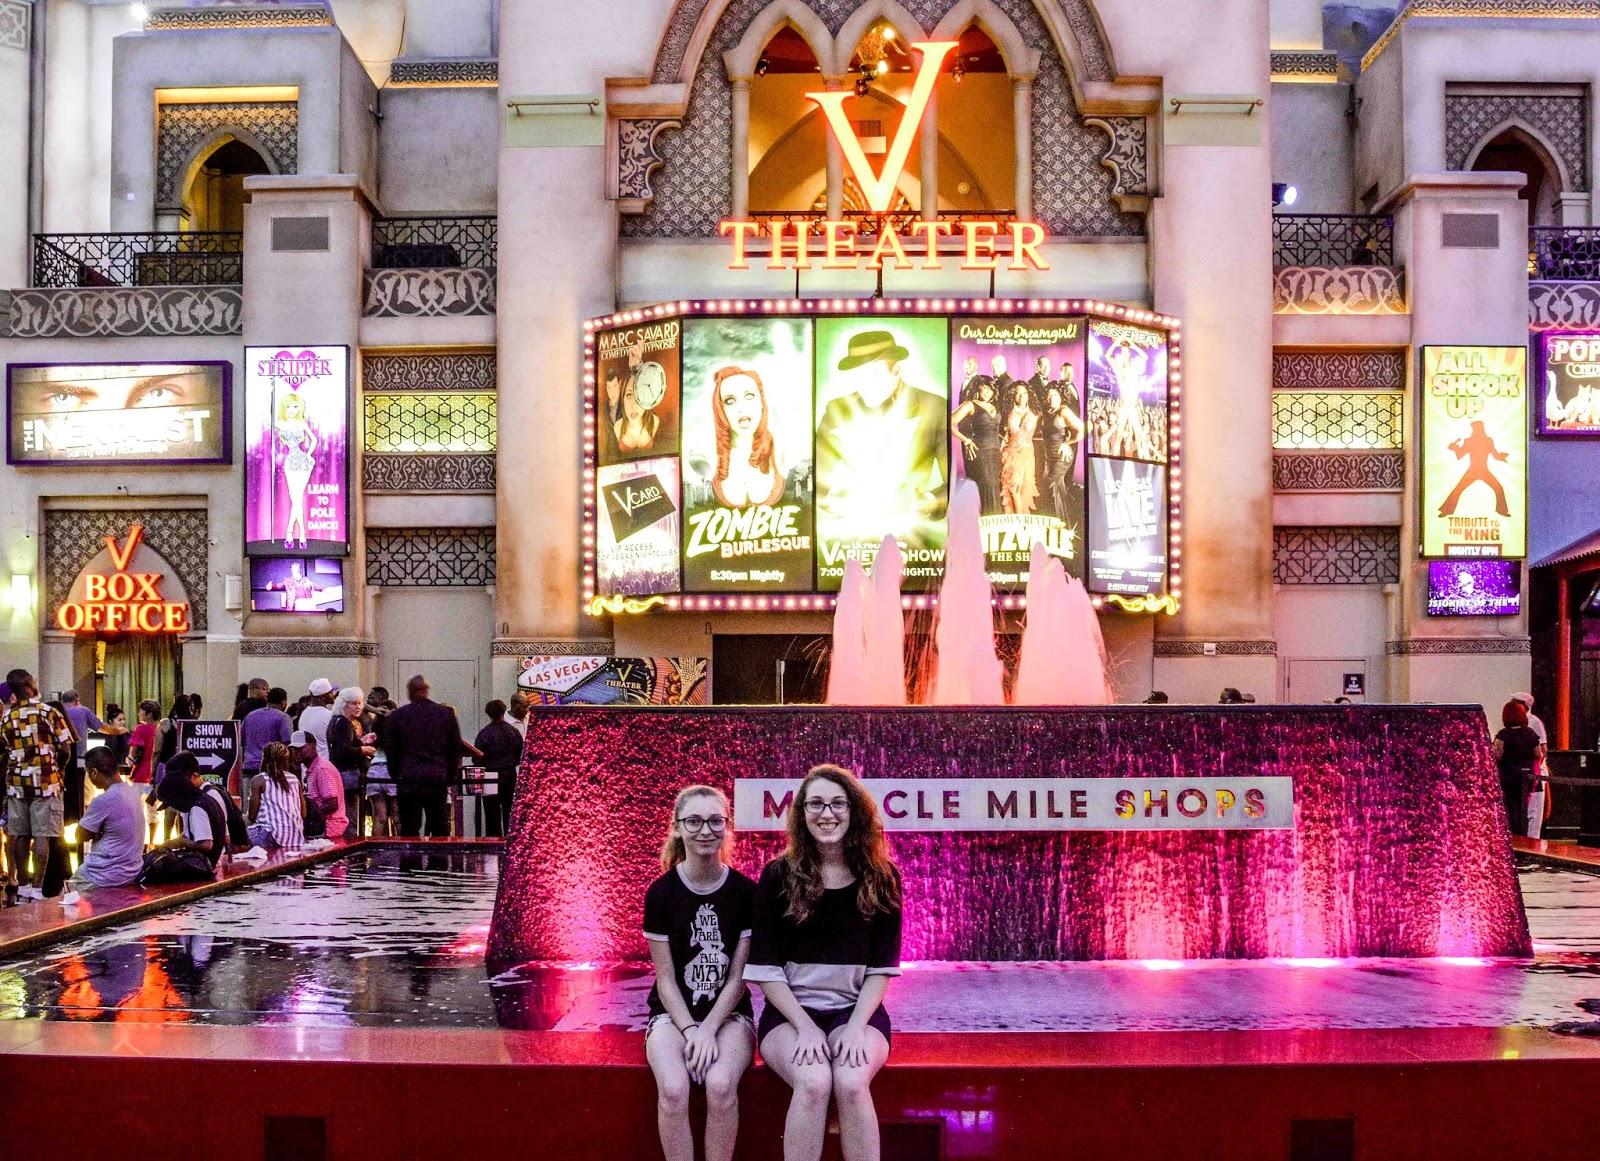 V Theater Las Vegas